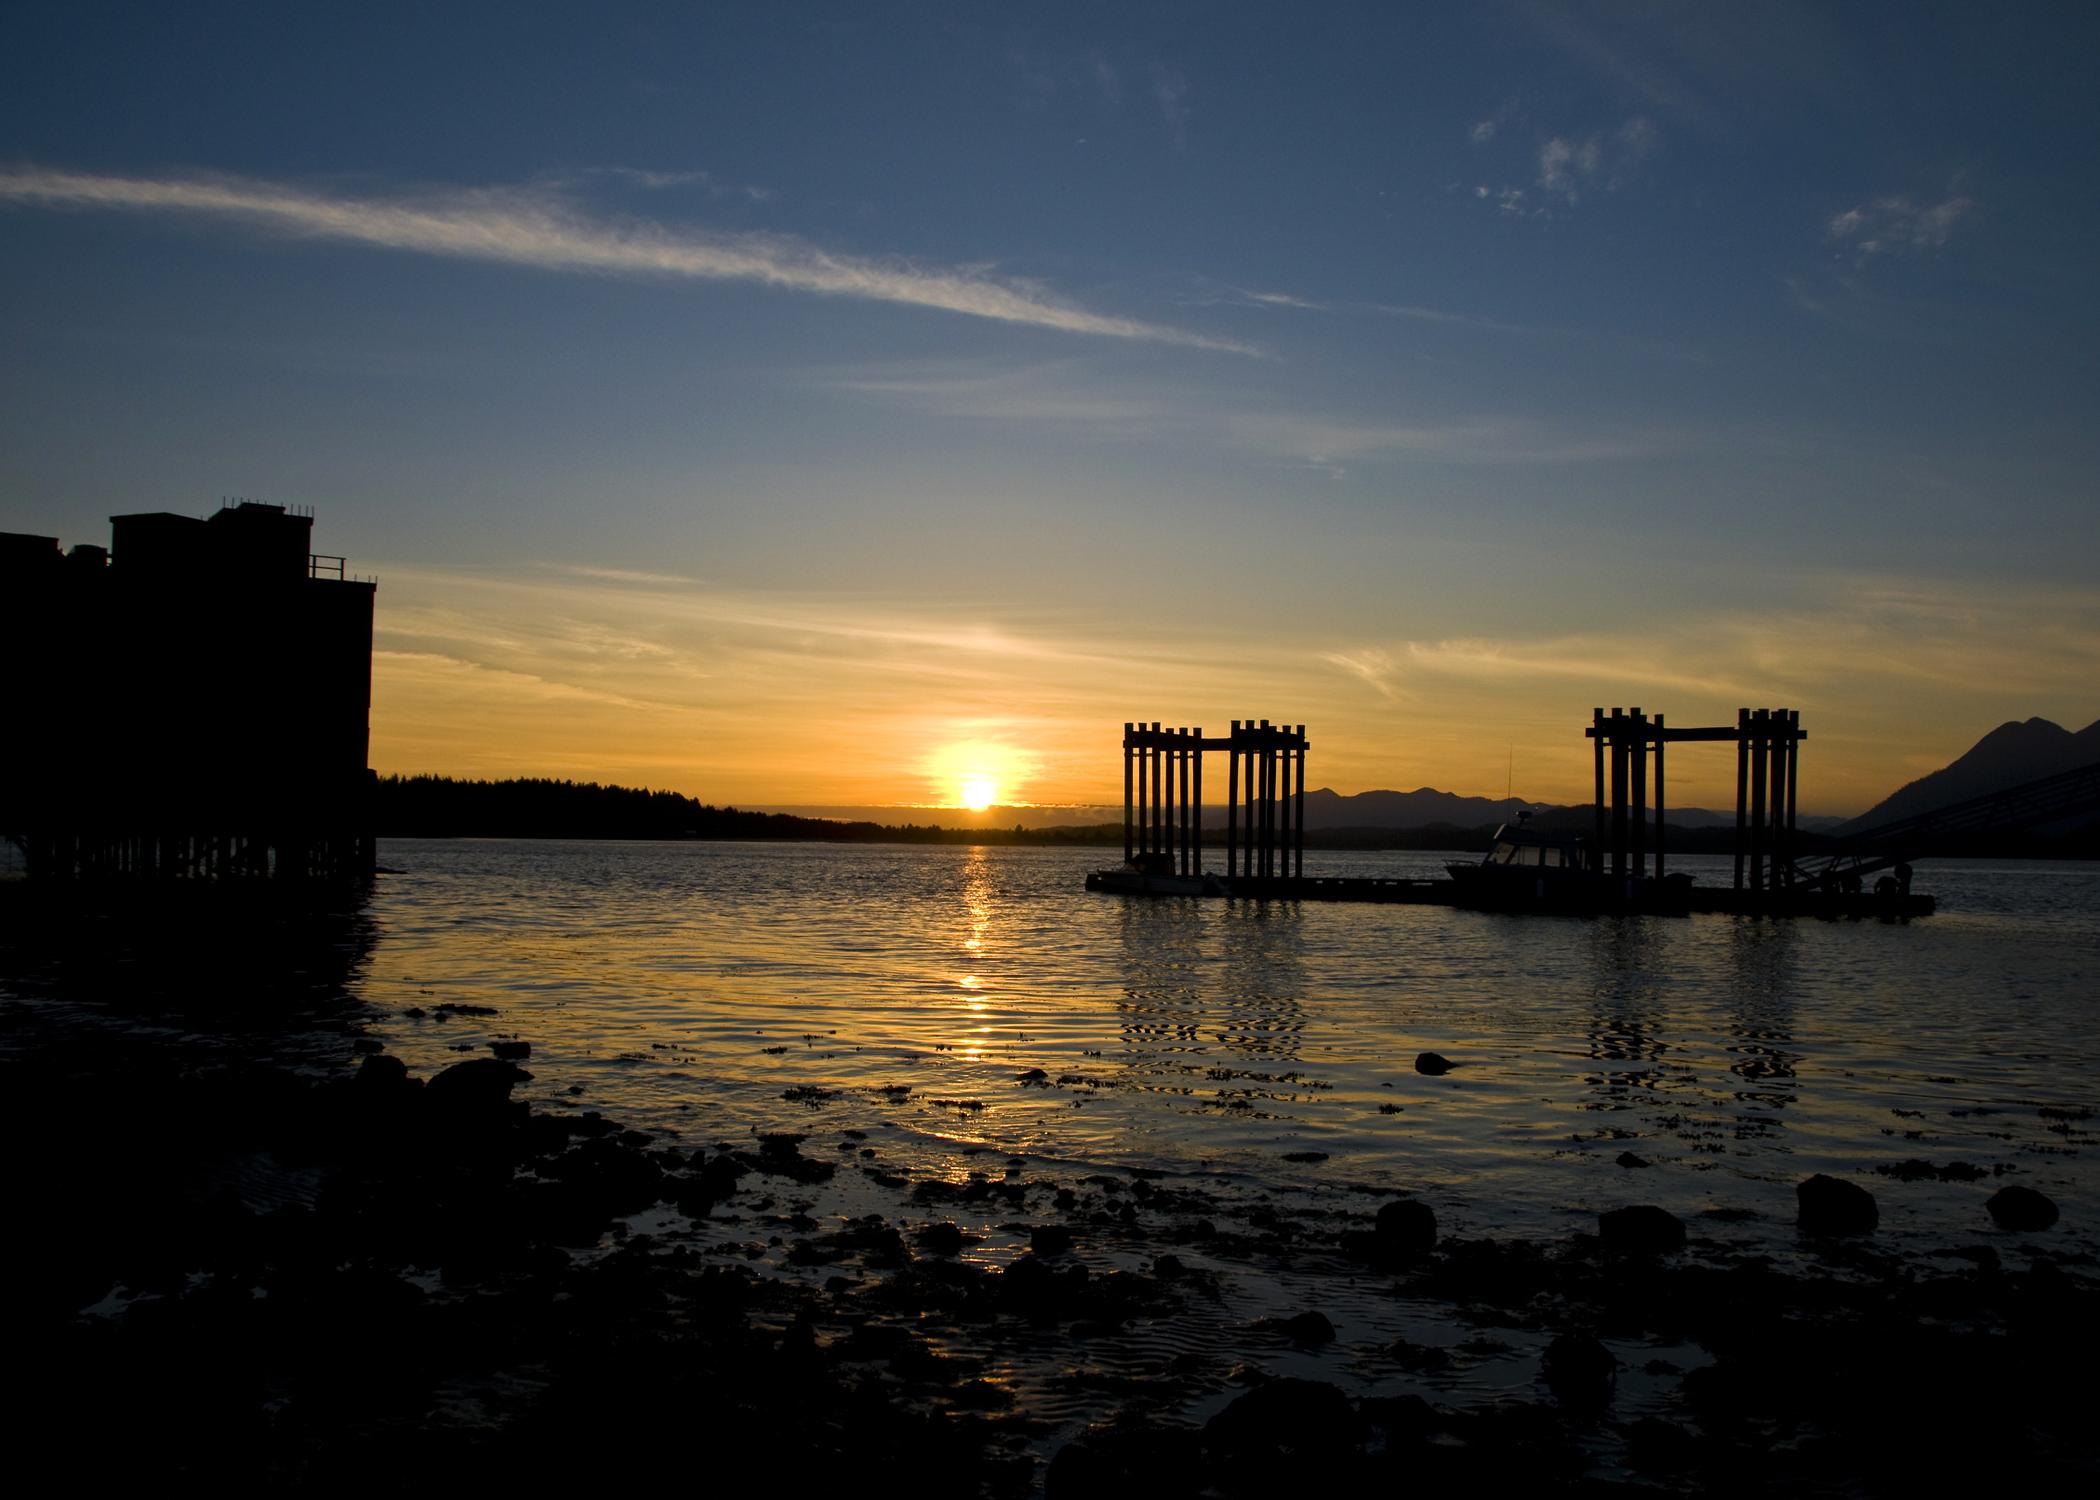 Sunset from Tofino